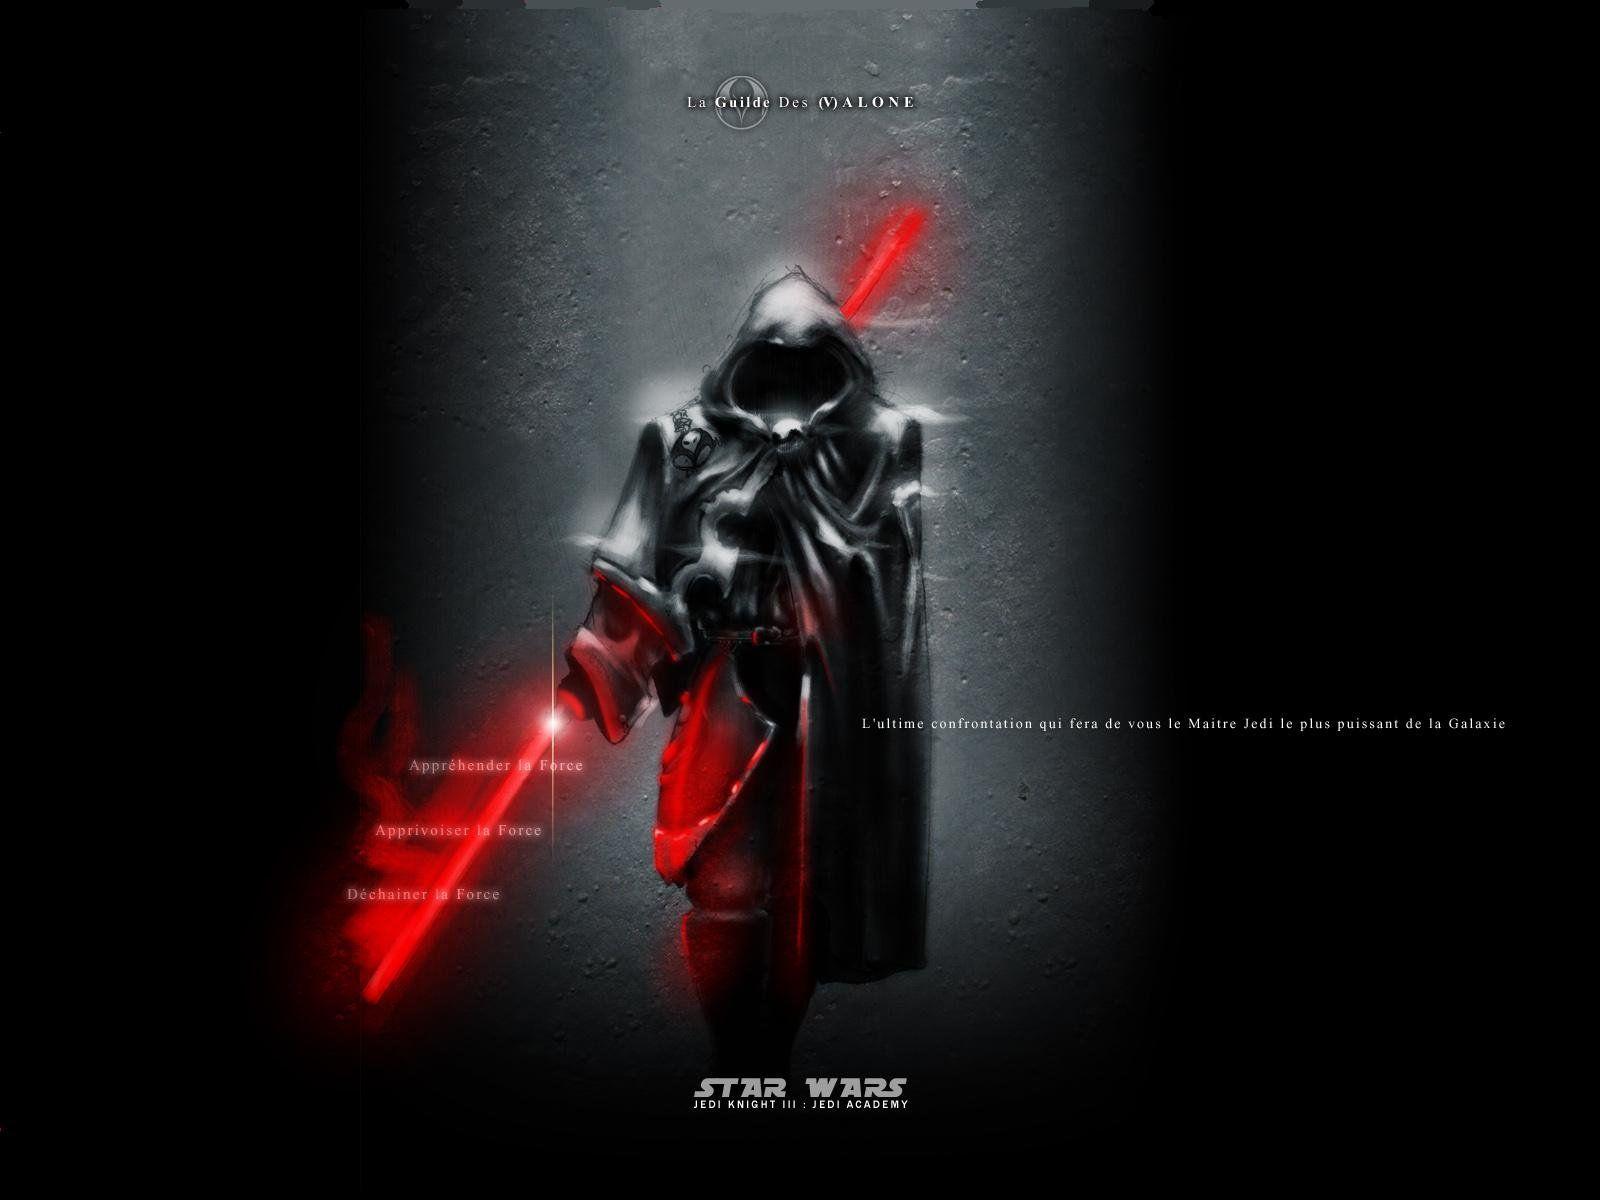 Jedi Knight Iii Jedi Academy Star Wars Artwork Sith Empire Jedi Sith